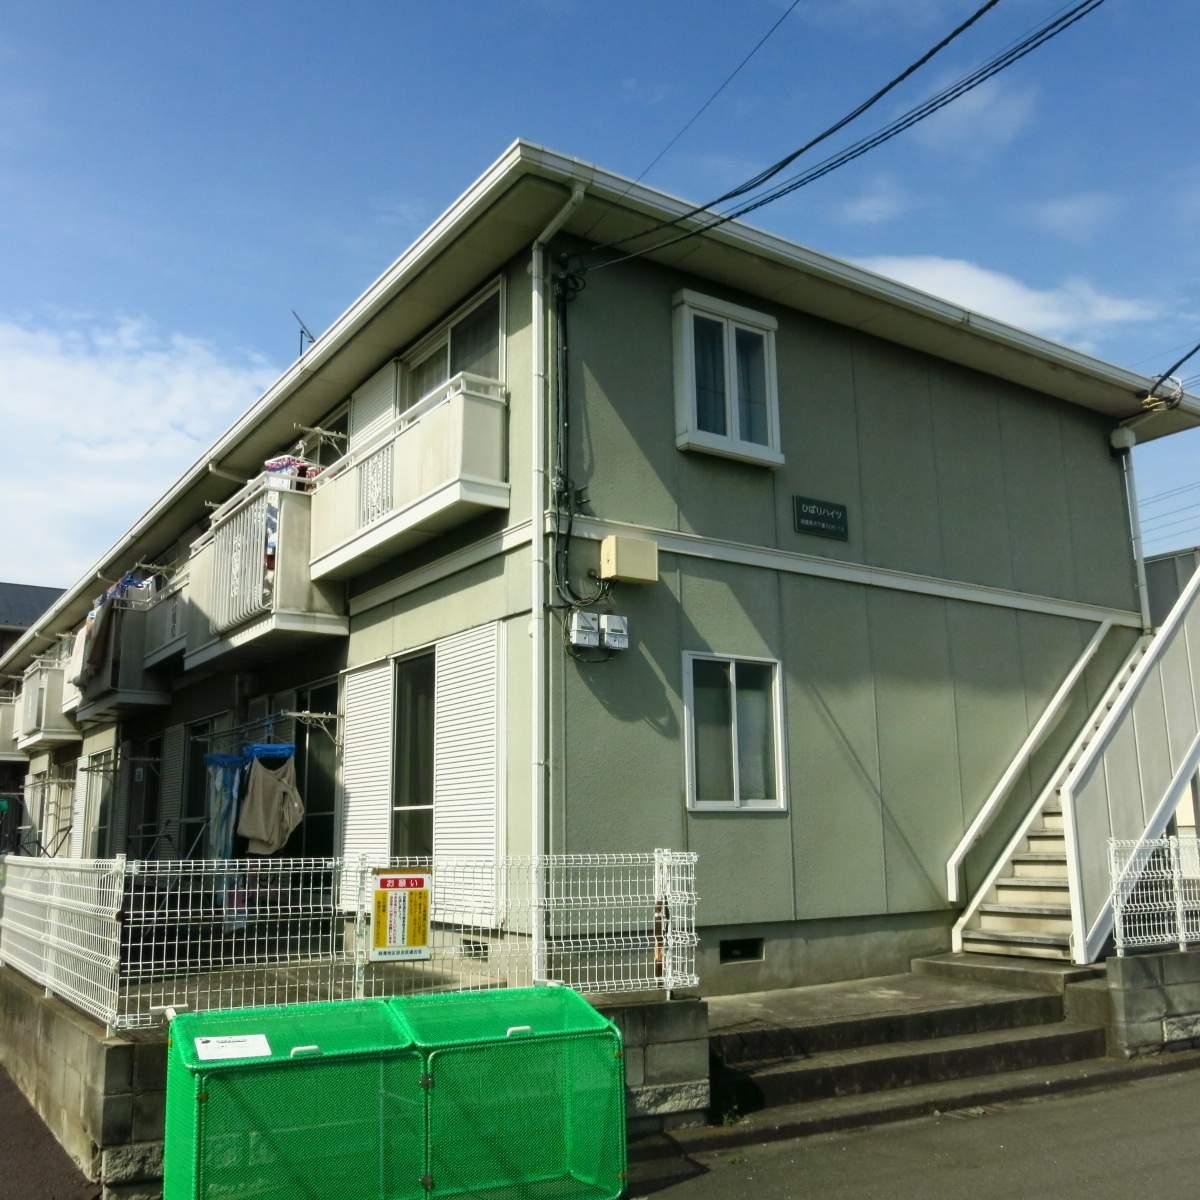 神奈川県相模原市南区、下溝駅徒歩24分の築25年 2階建の賃貸アパート